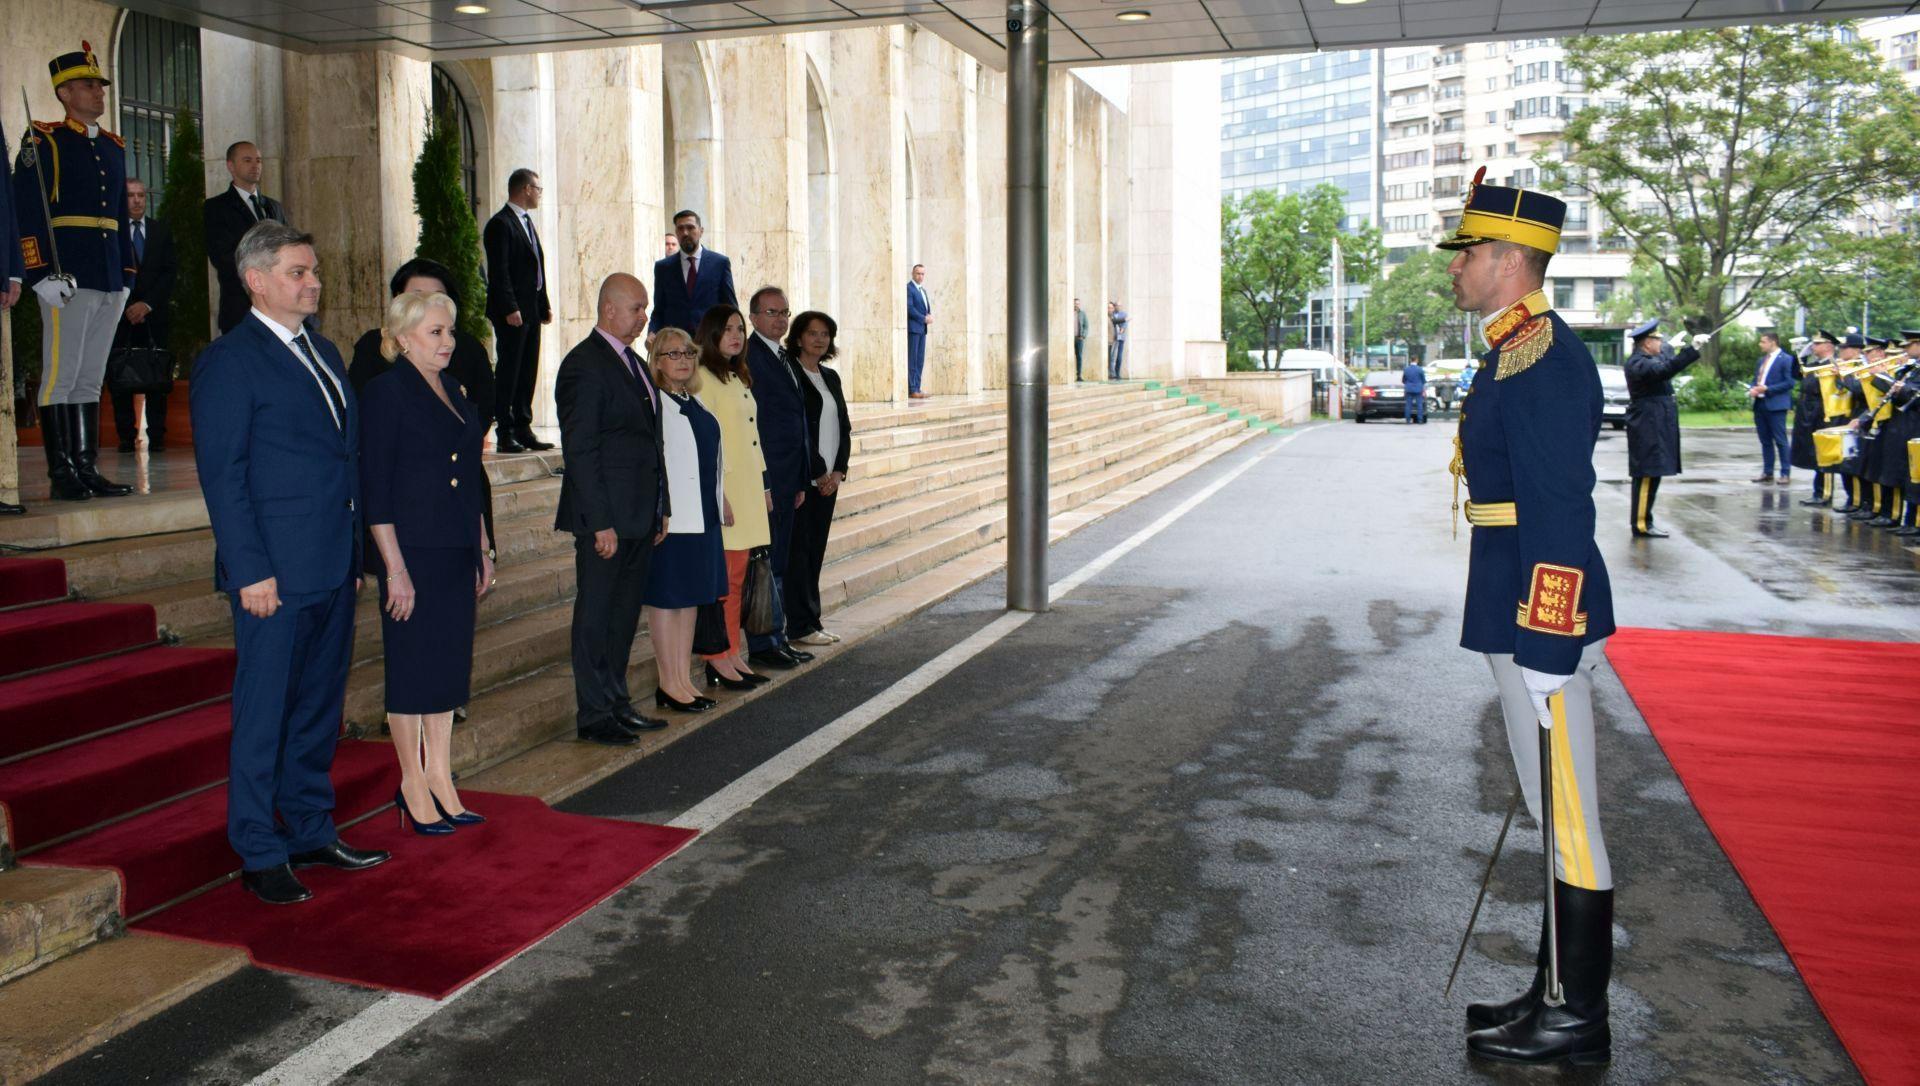 BiH CoM Chairman Zvizdić on an official visit in Bucharest